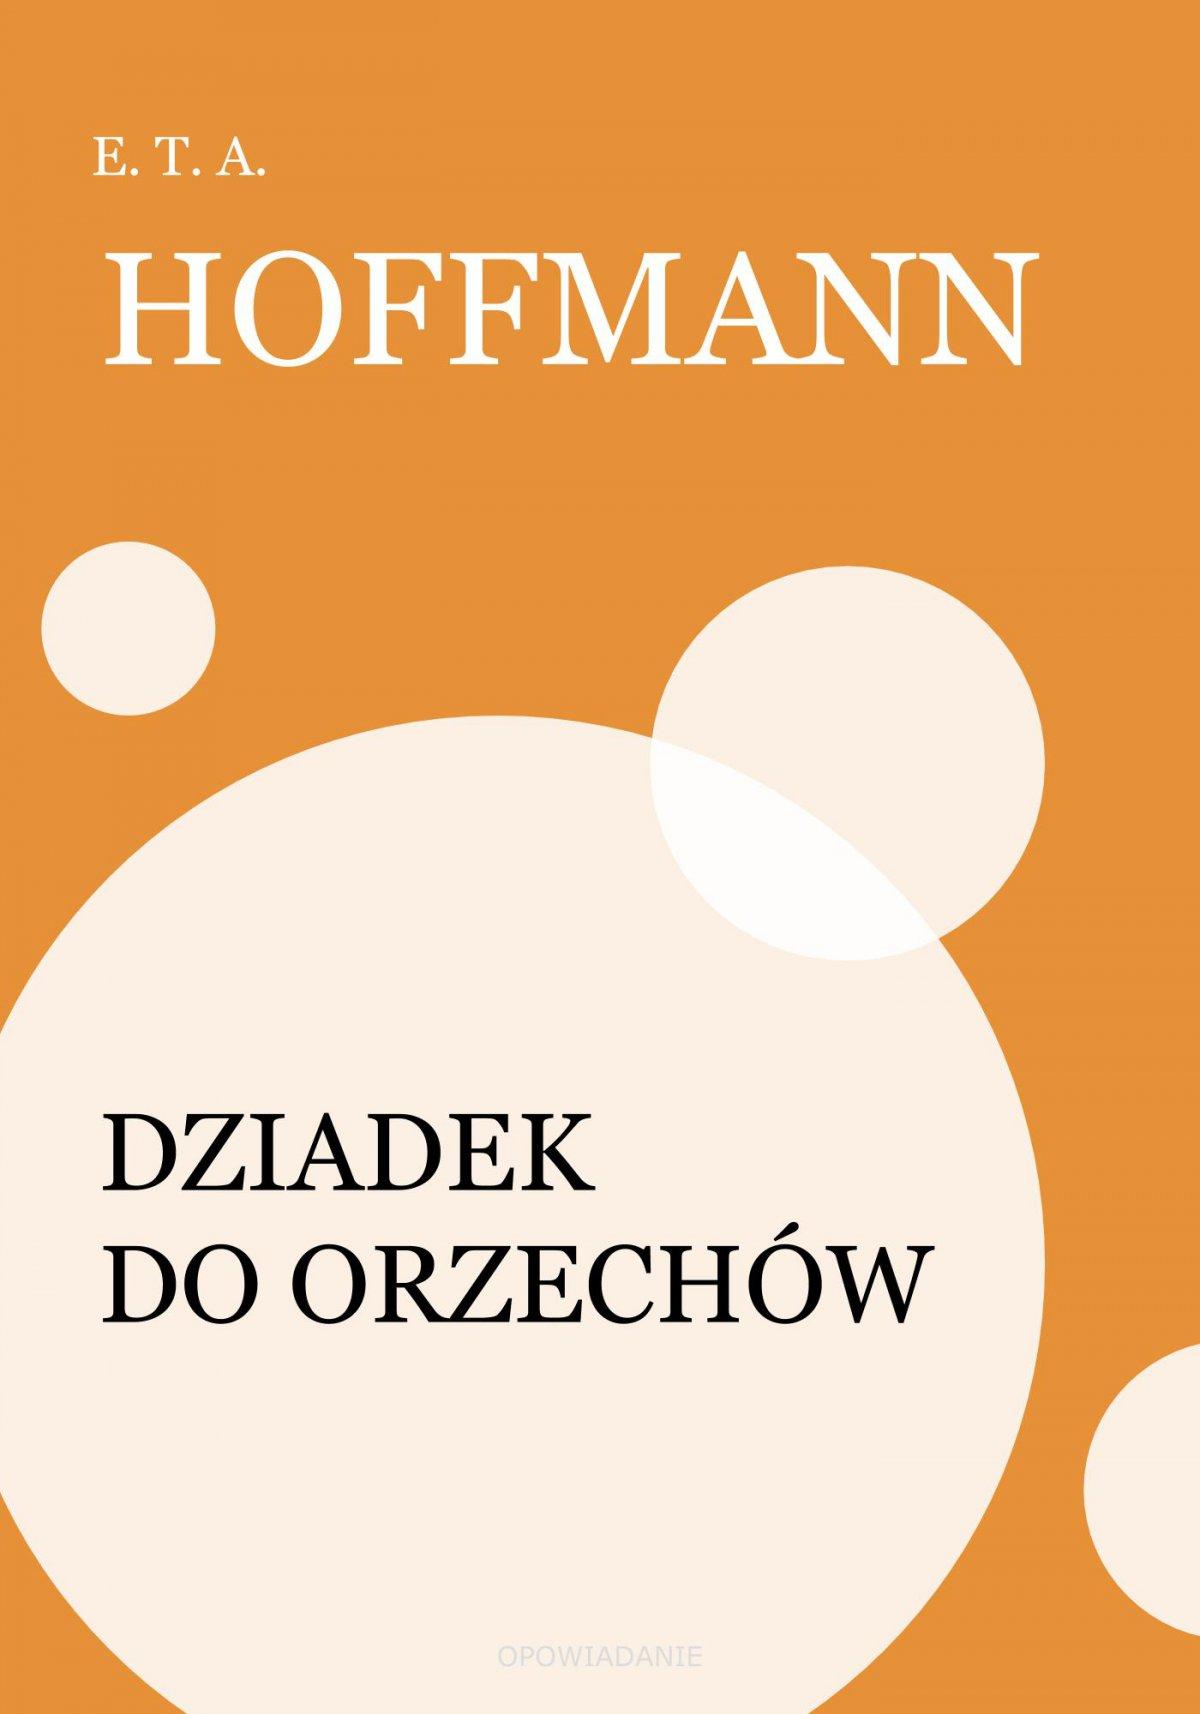 Dziadek do orzechów - Ebook (Książka na Kindle) do pobrania w formacie MOBI